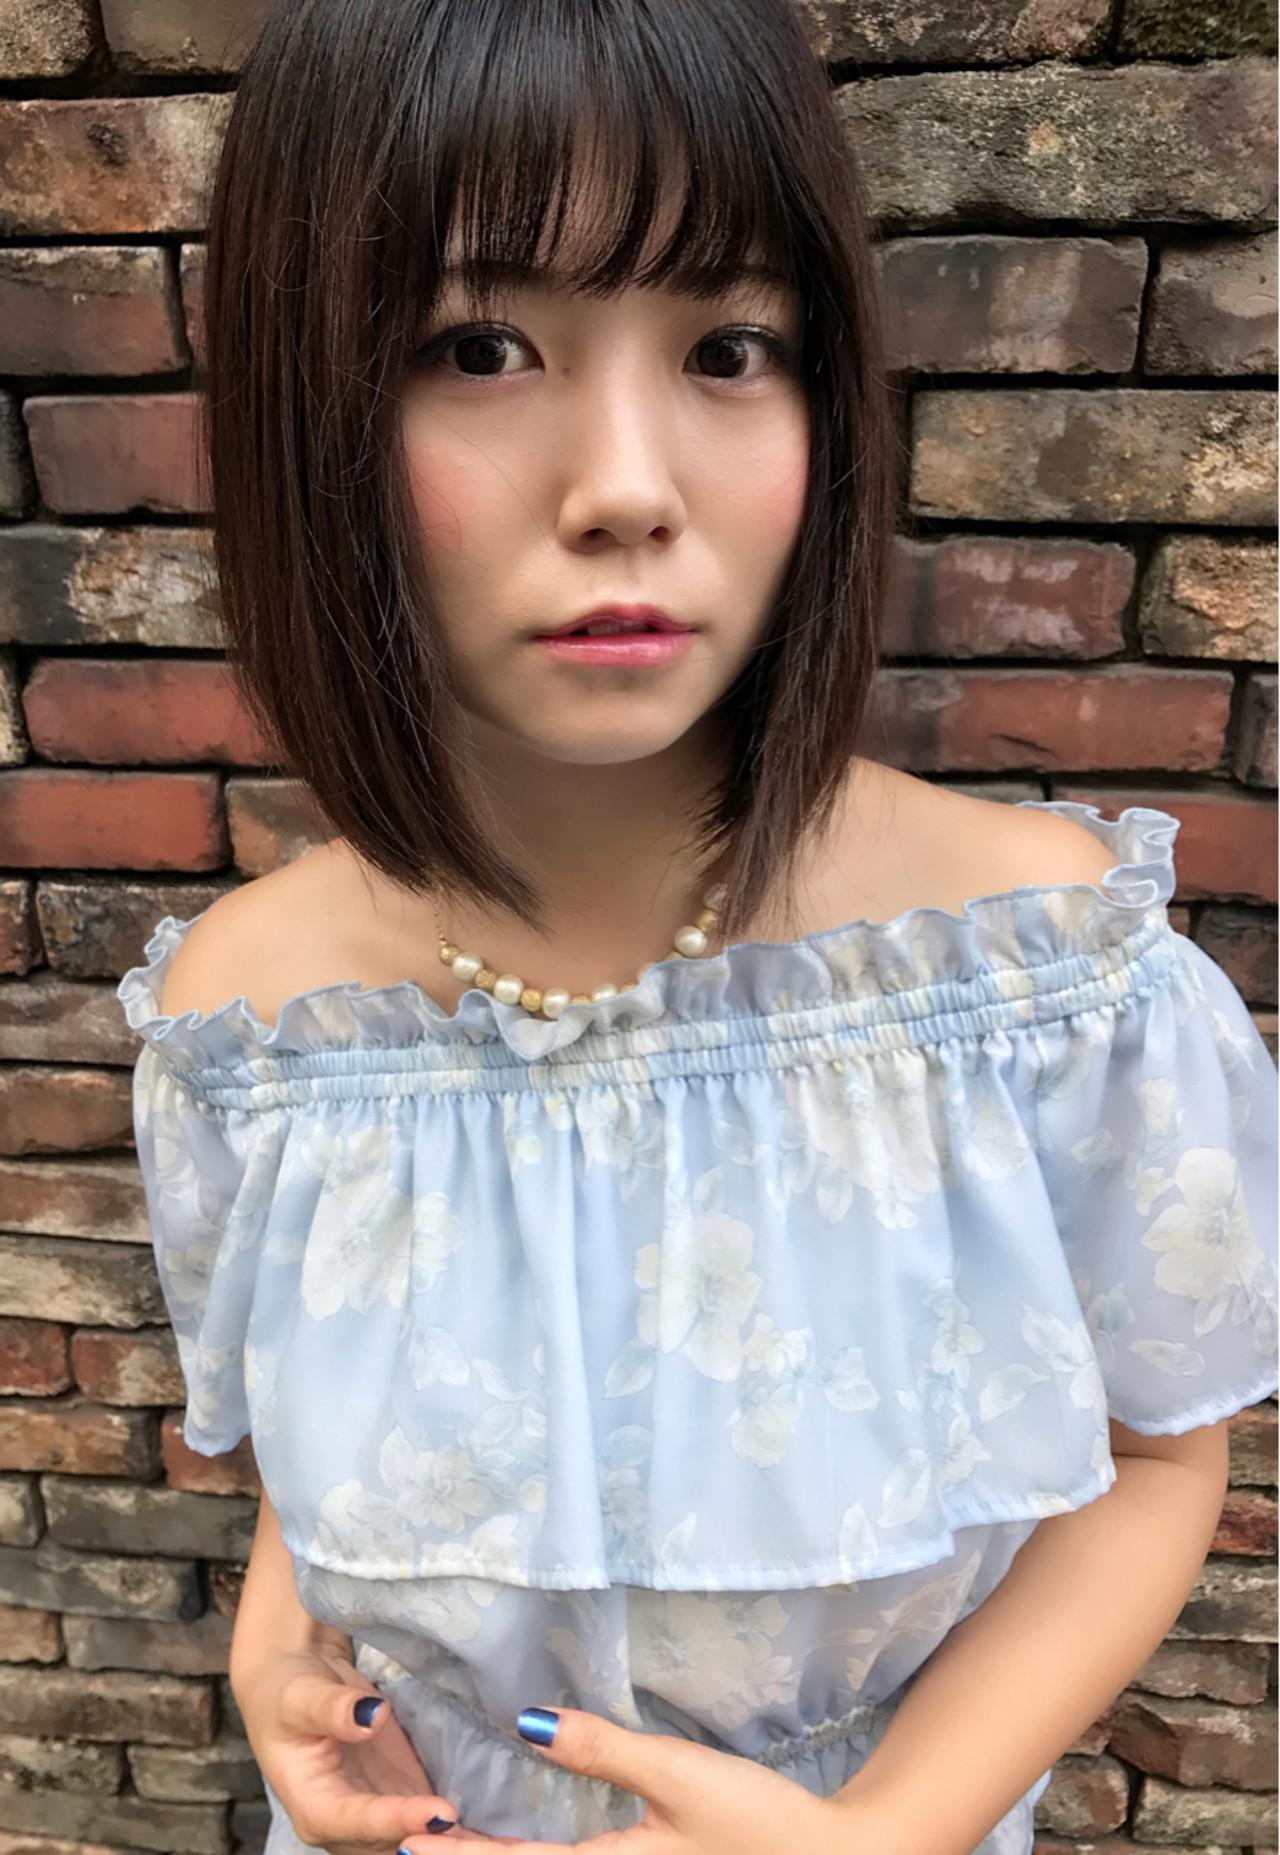 黒髪だから似合う♡サラサラ艶髪のお嬢様風大人ボブ Kohe Kamijo